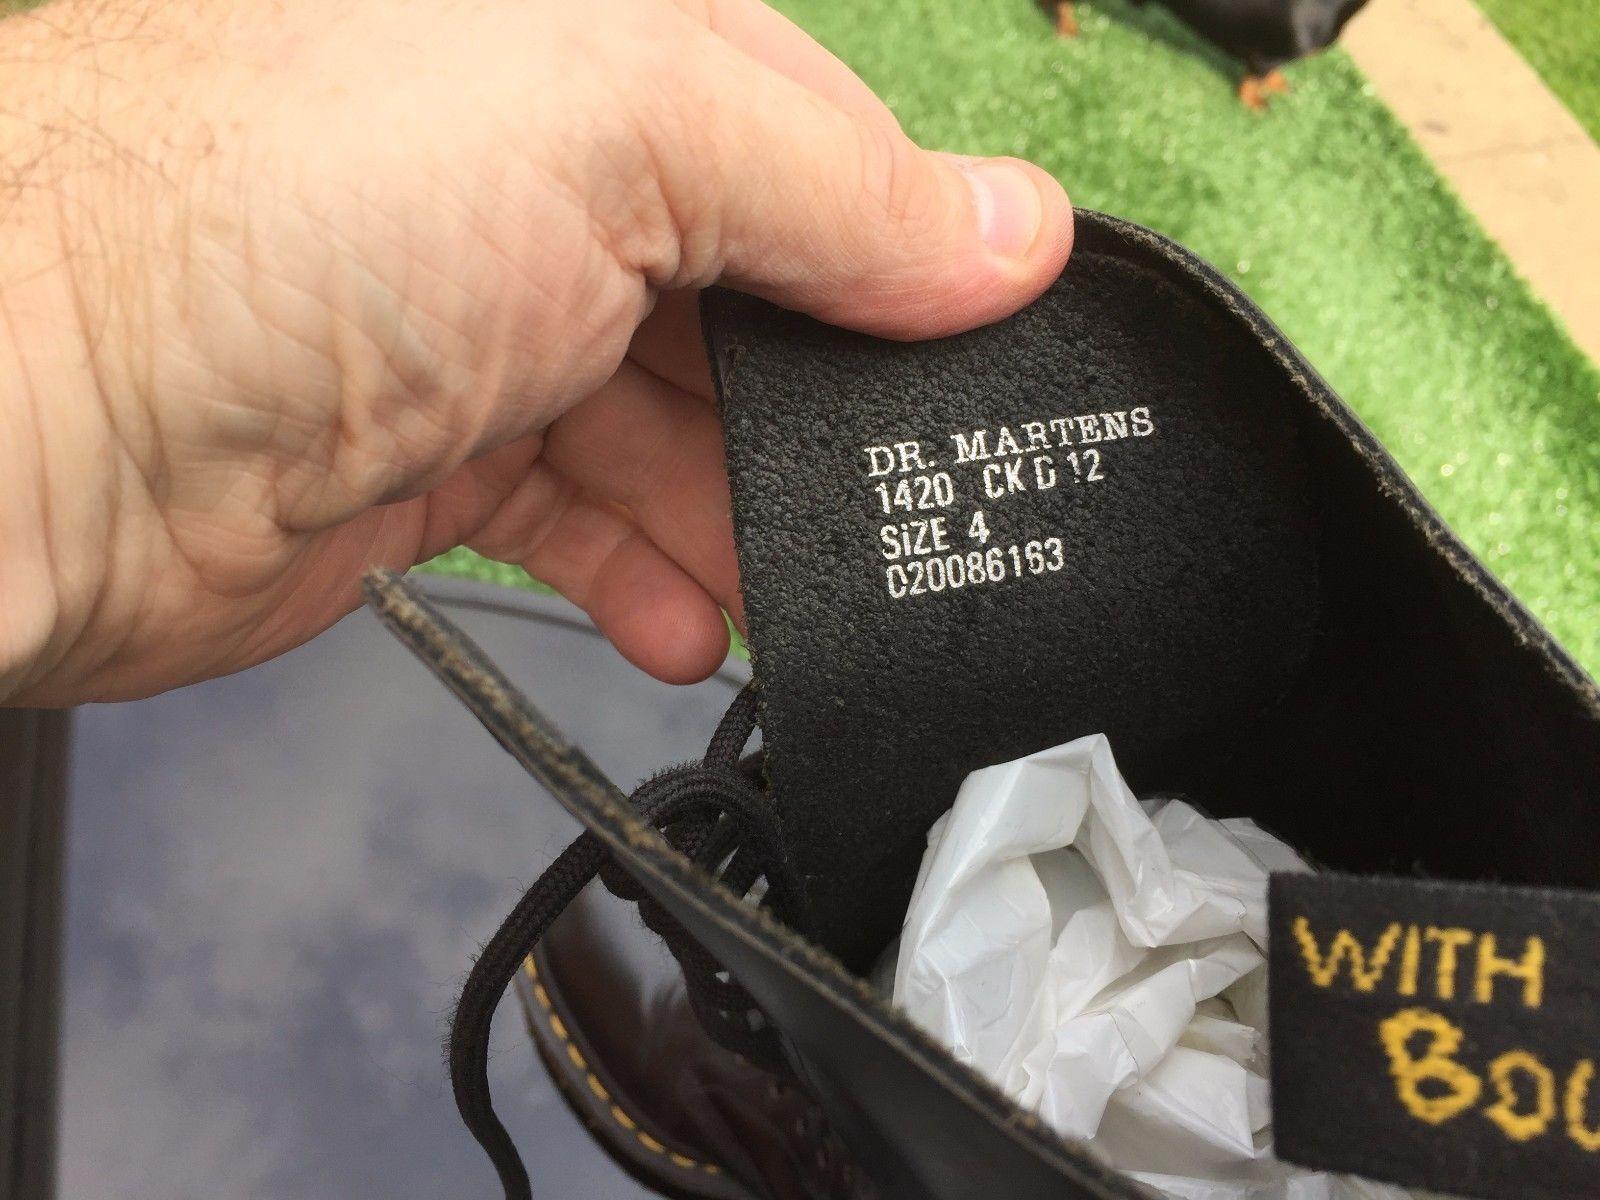 modelo más vendido Vintage de la marca Vintage vendido Dr Martens 1420 Negro Cuero Liso Botas De Reino Unido 4 Hecho en Inglaterra.. 956700